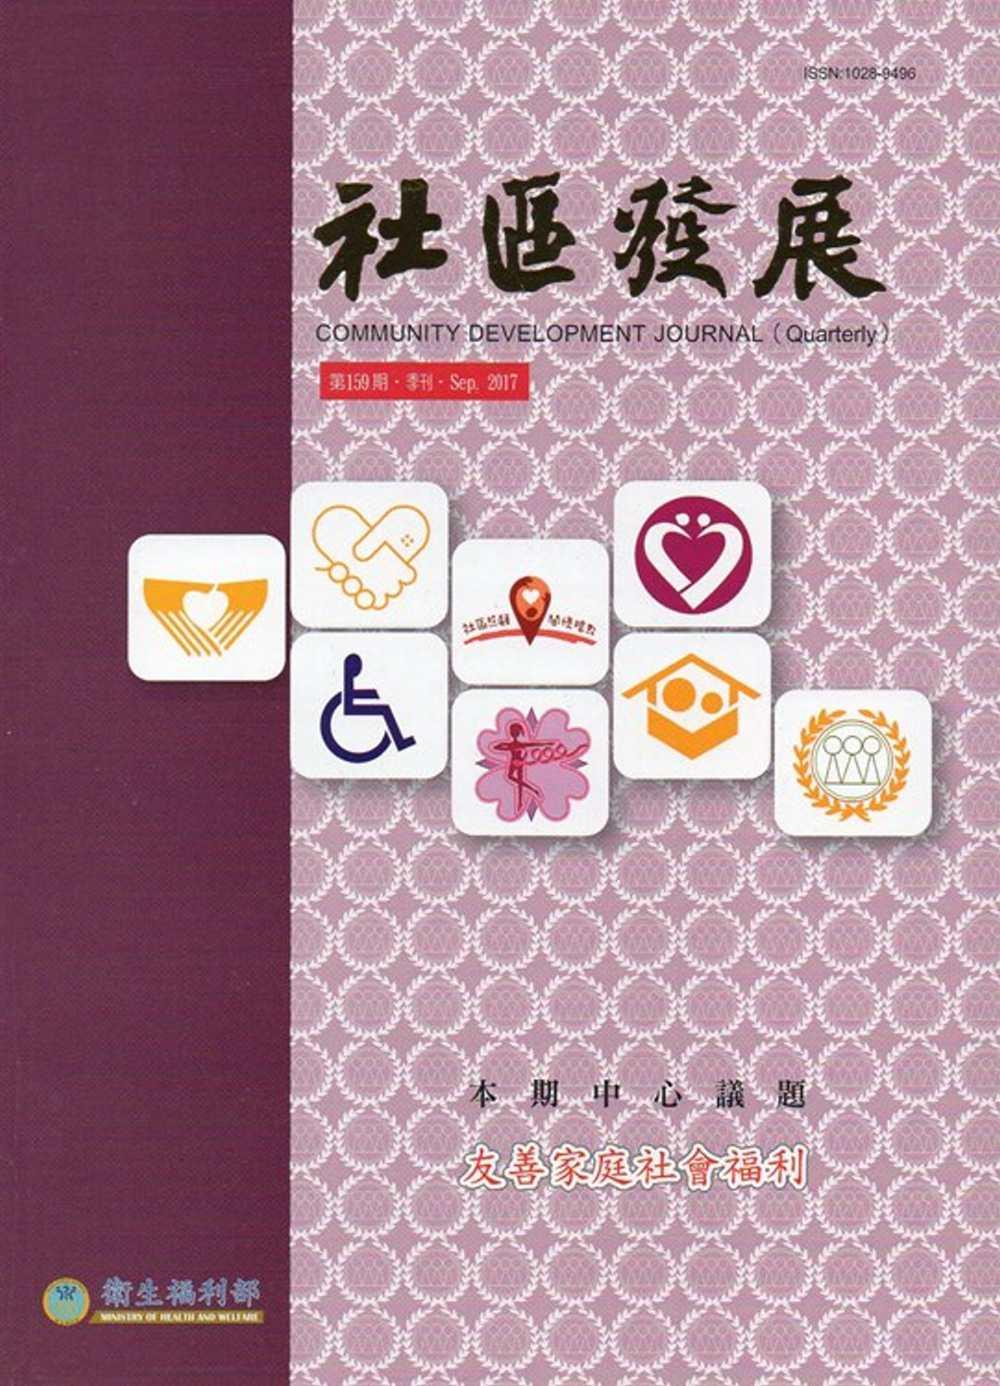 社區發展季刊159期:友善家庭社會福利(2017/09)